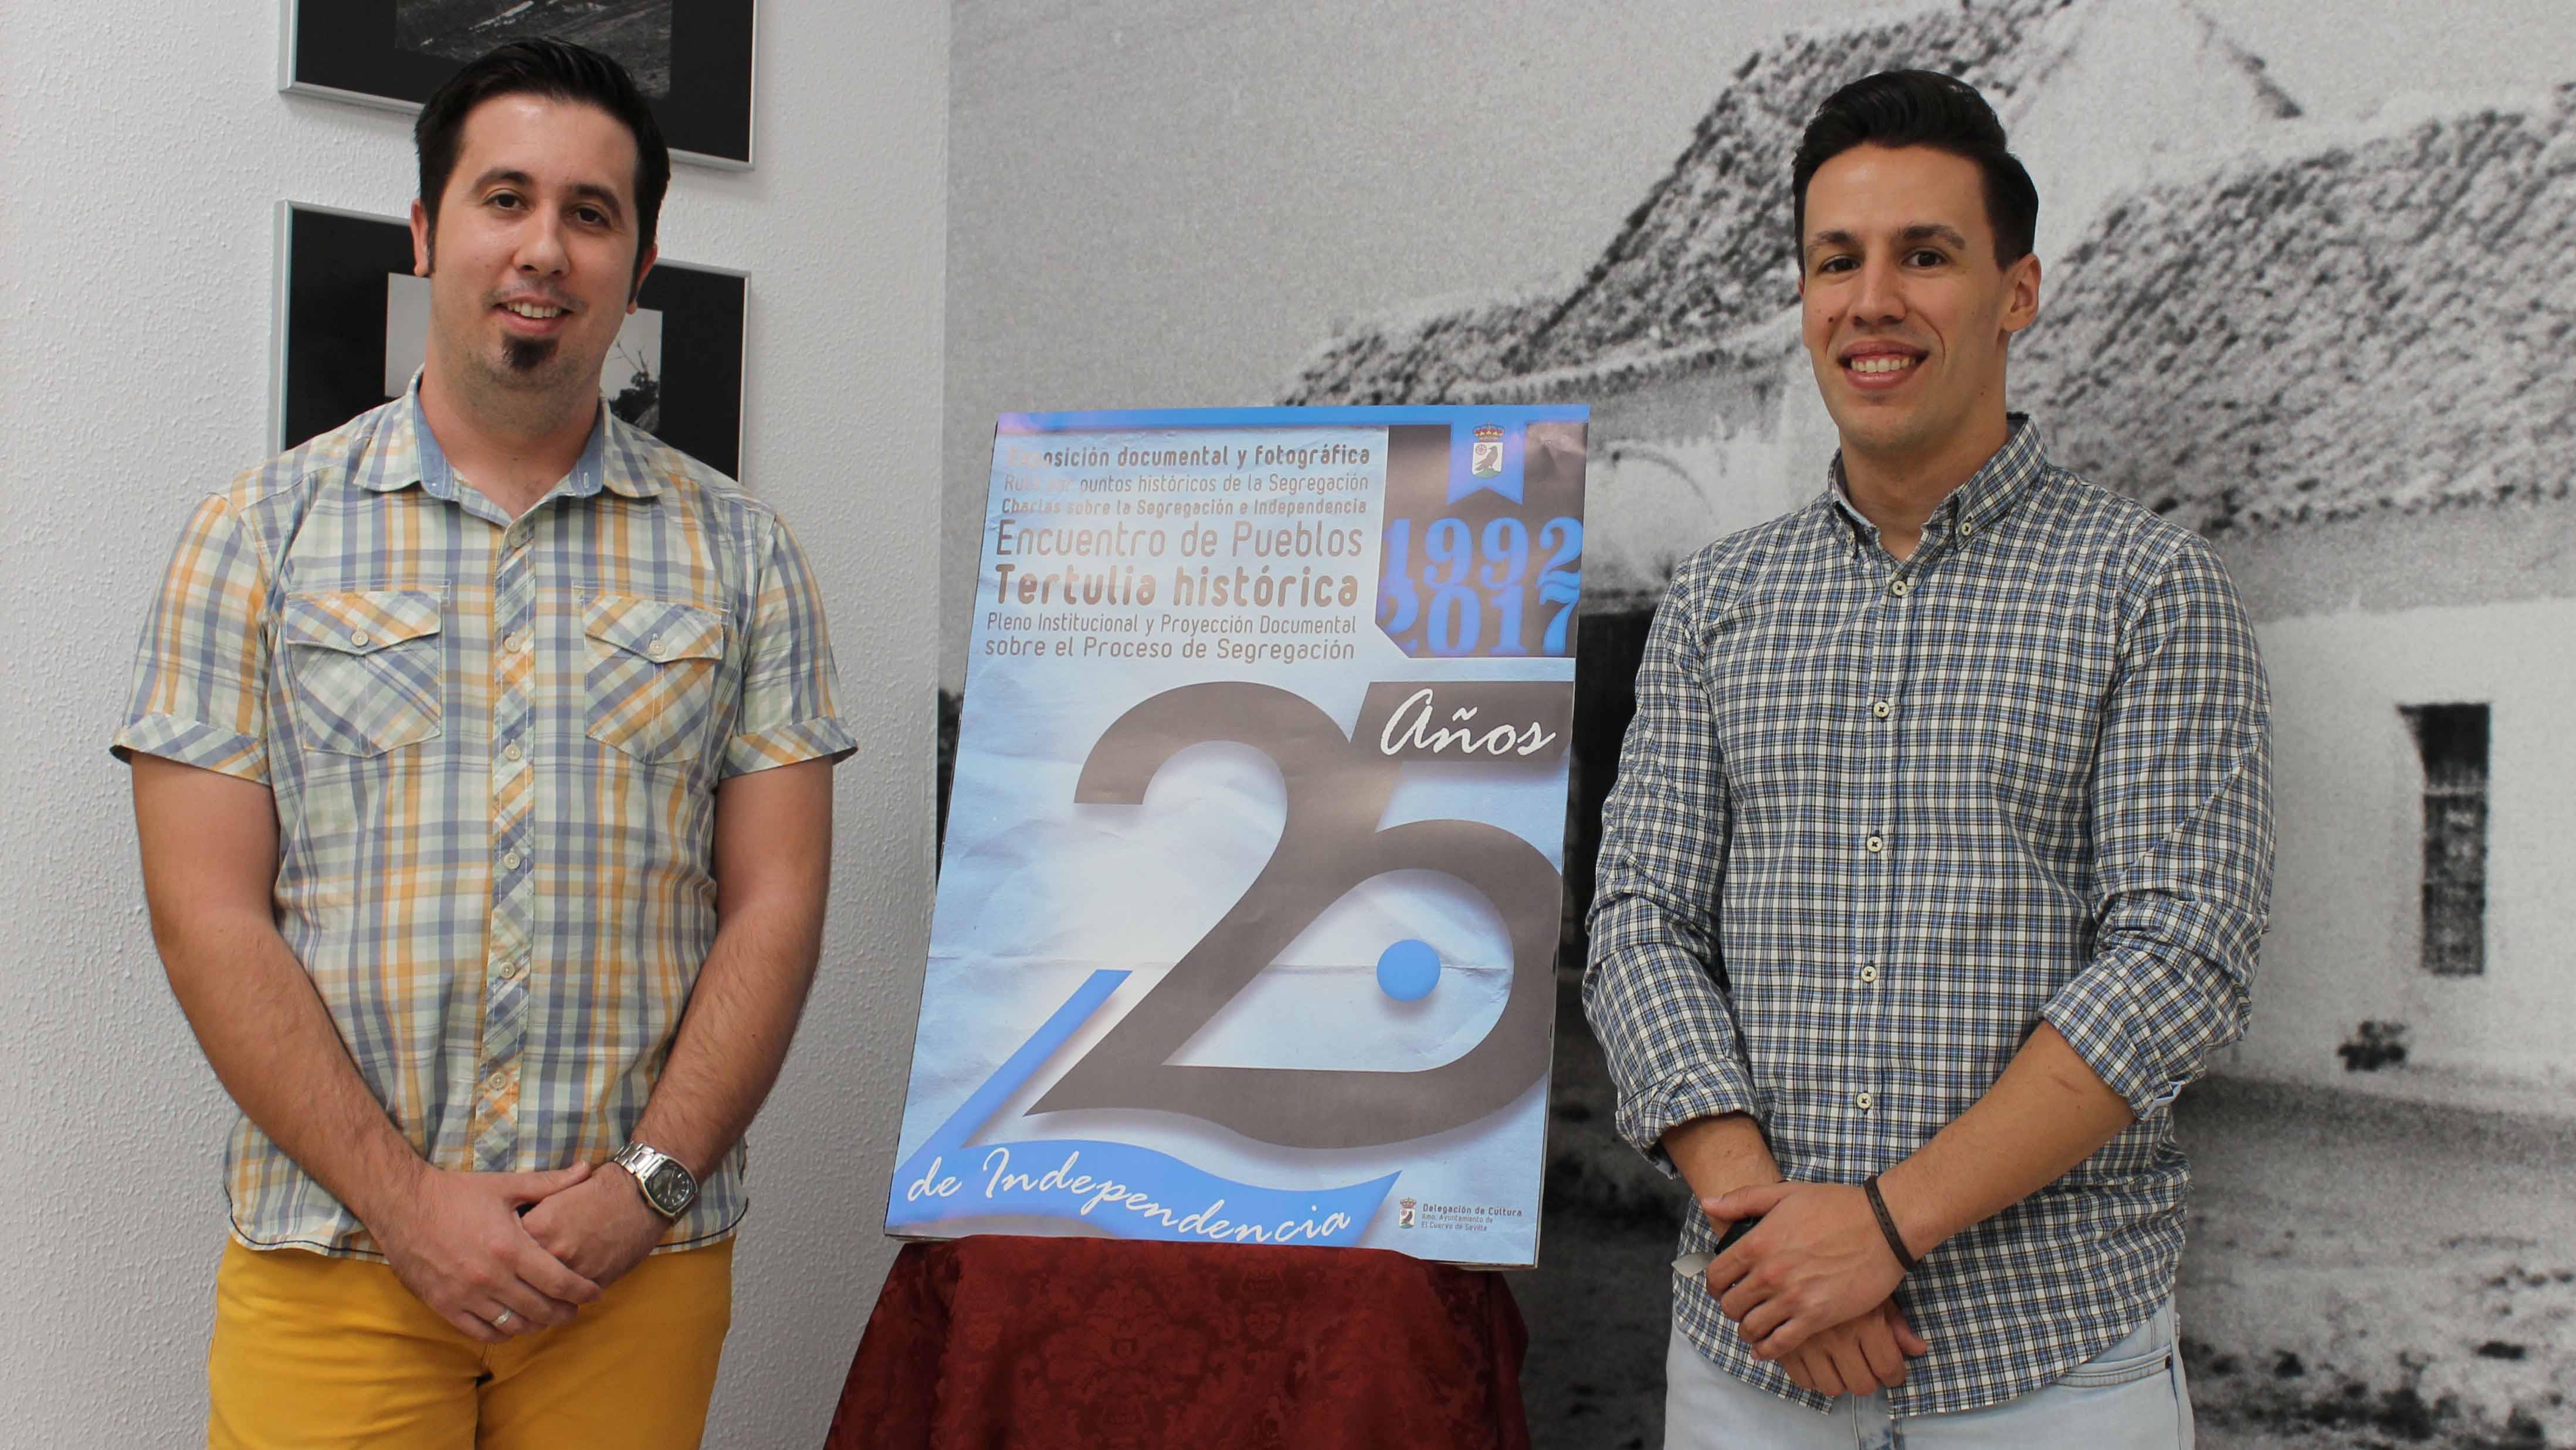 Antonio Amarillo y Jon Bejarano, durante la presentación del cartel del 25 aniversario de la independencia